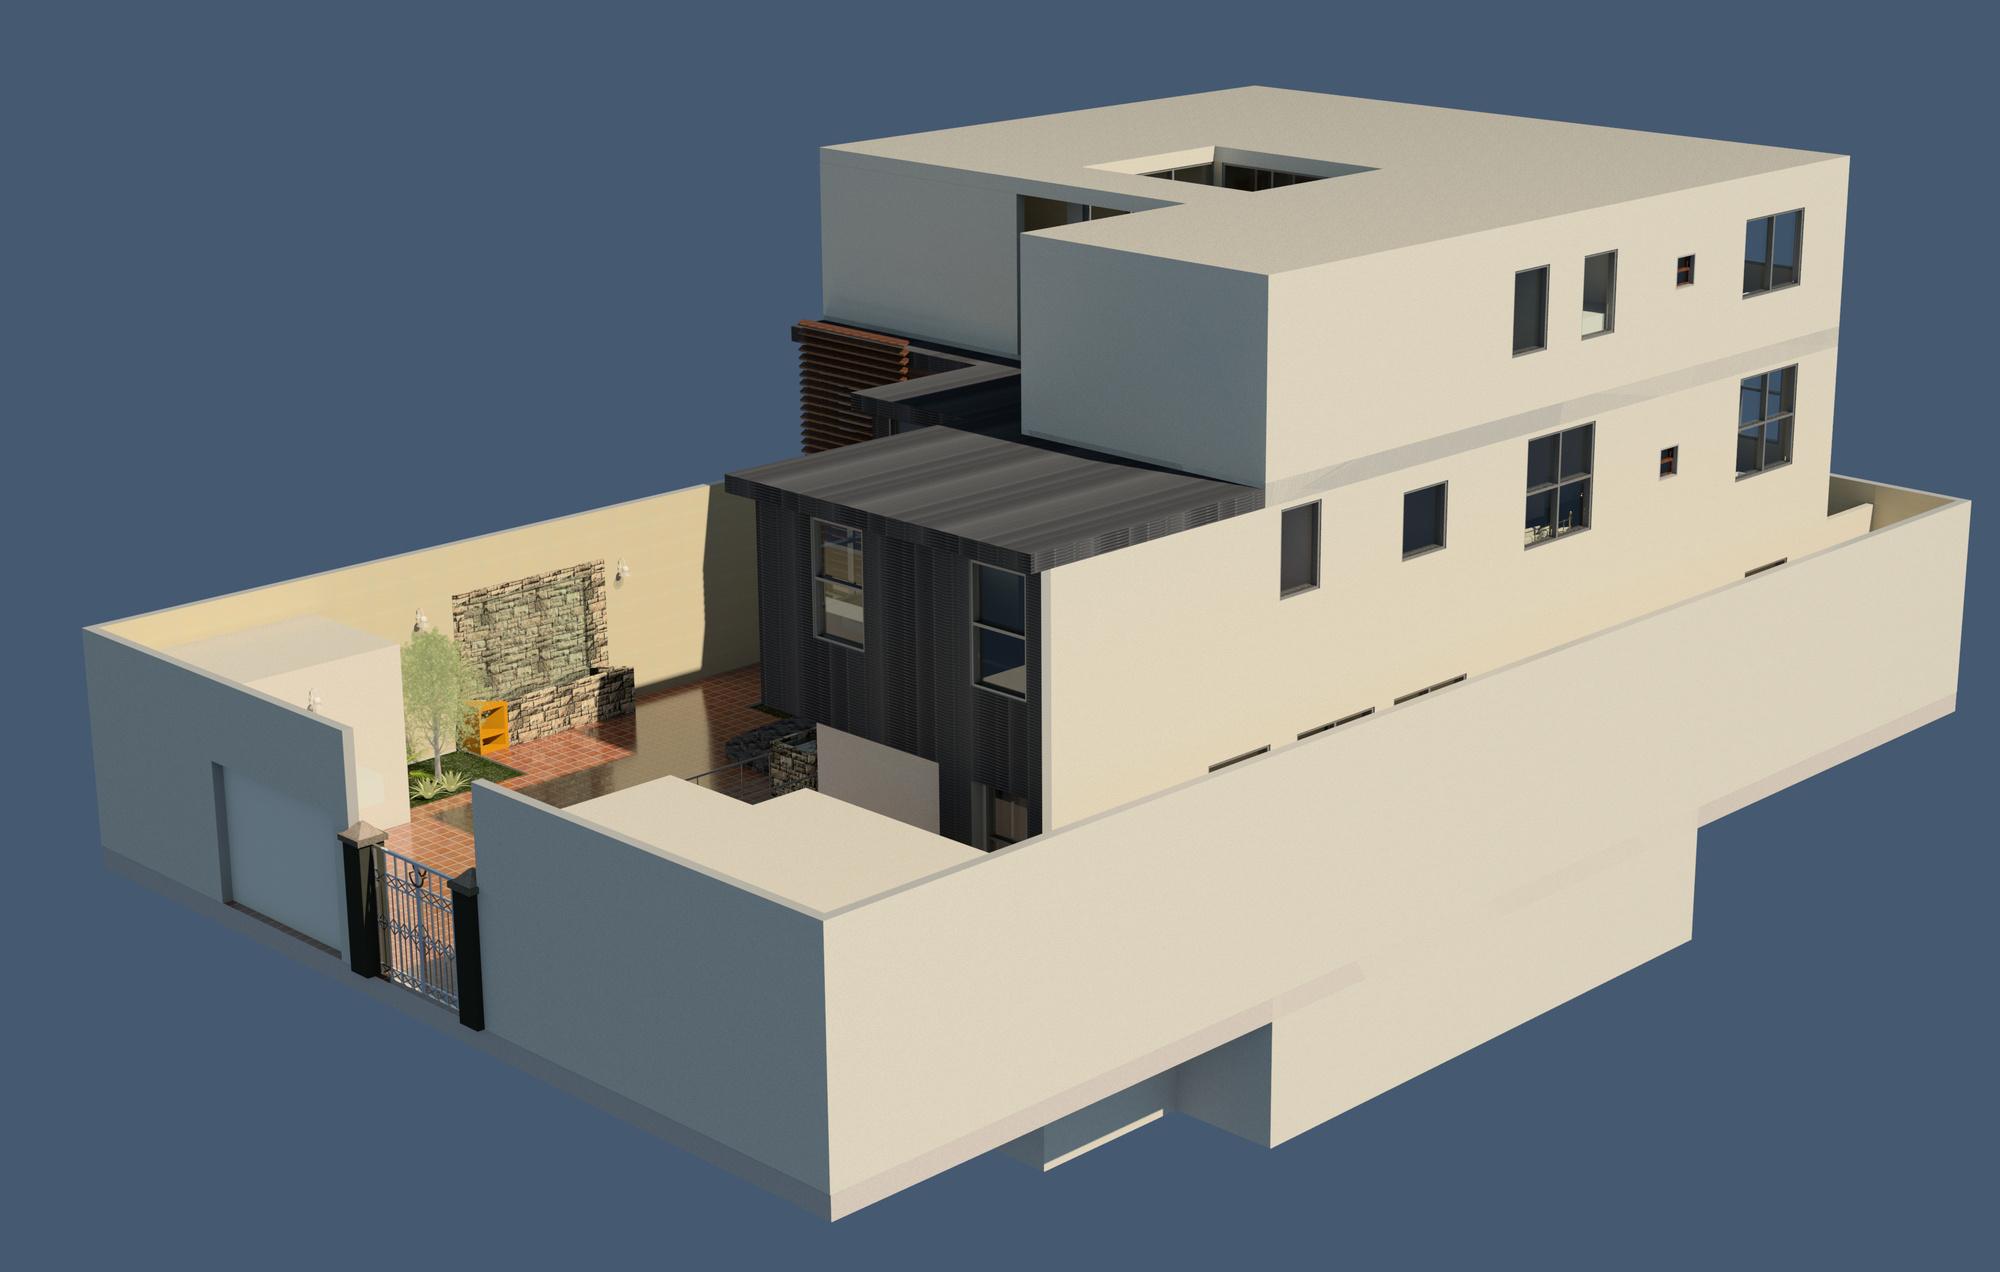 Raas-rendering20150527-27723-1o0d90o